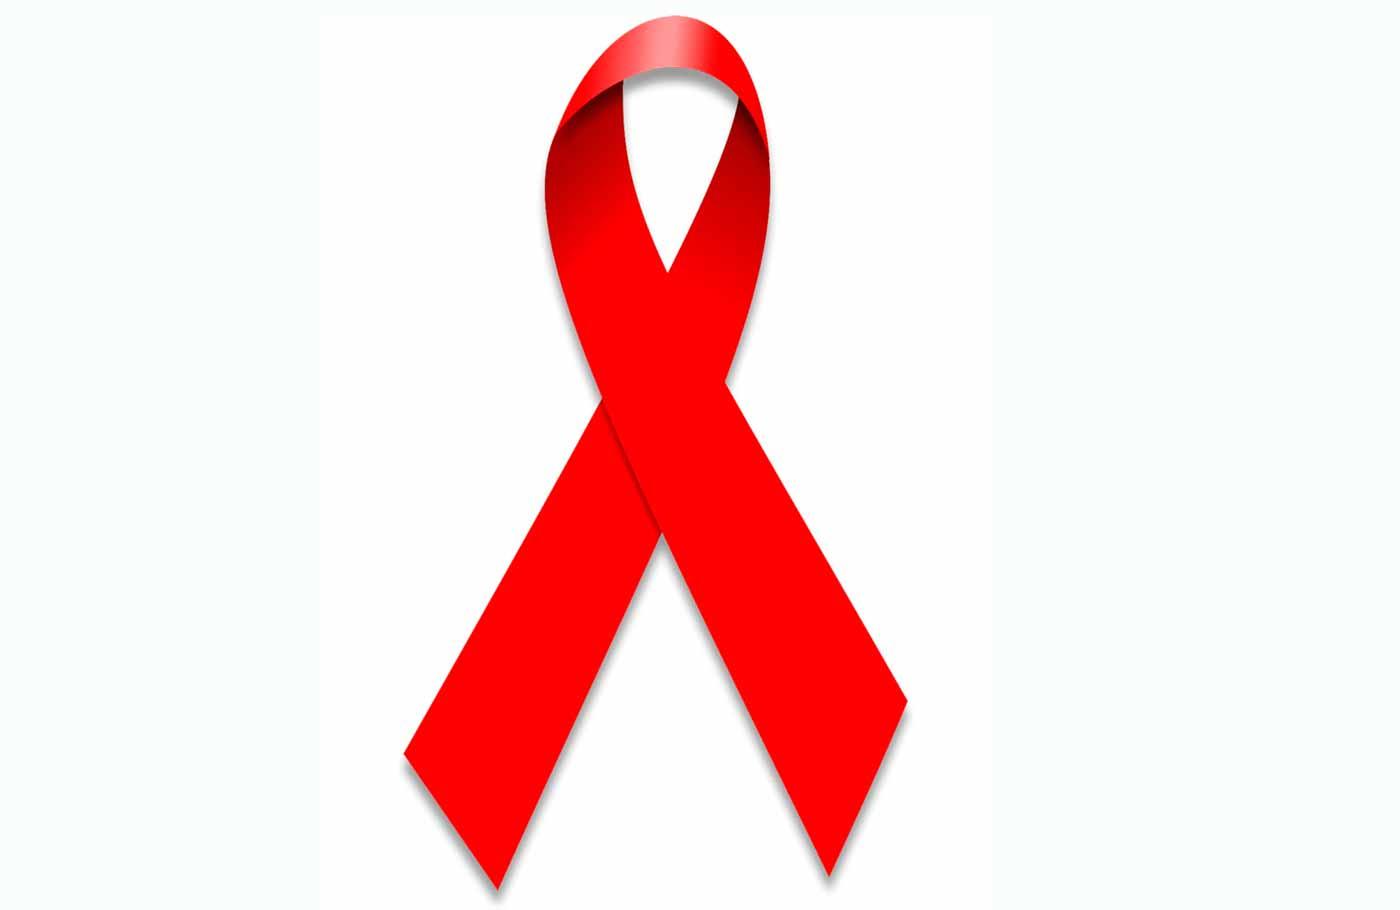 В Шахрисабзе от СПИДа погибли 6 детей